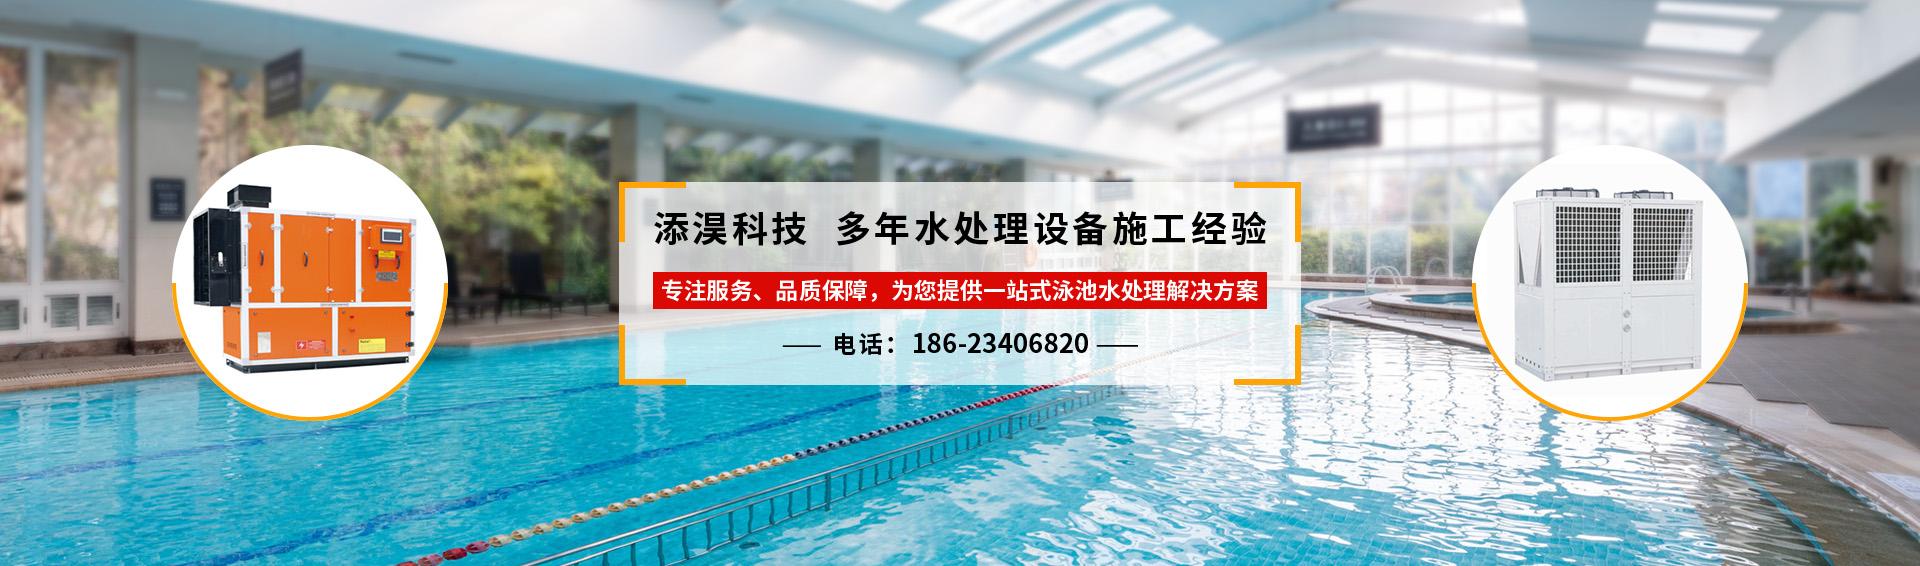 重庆喷泉设备